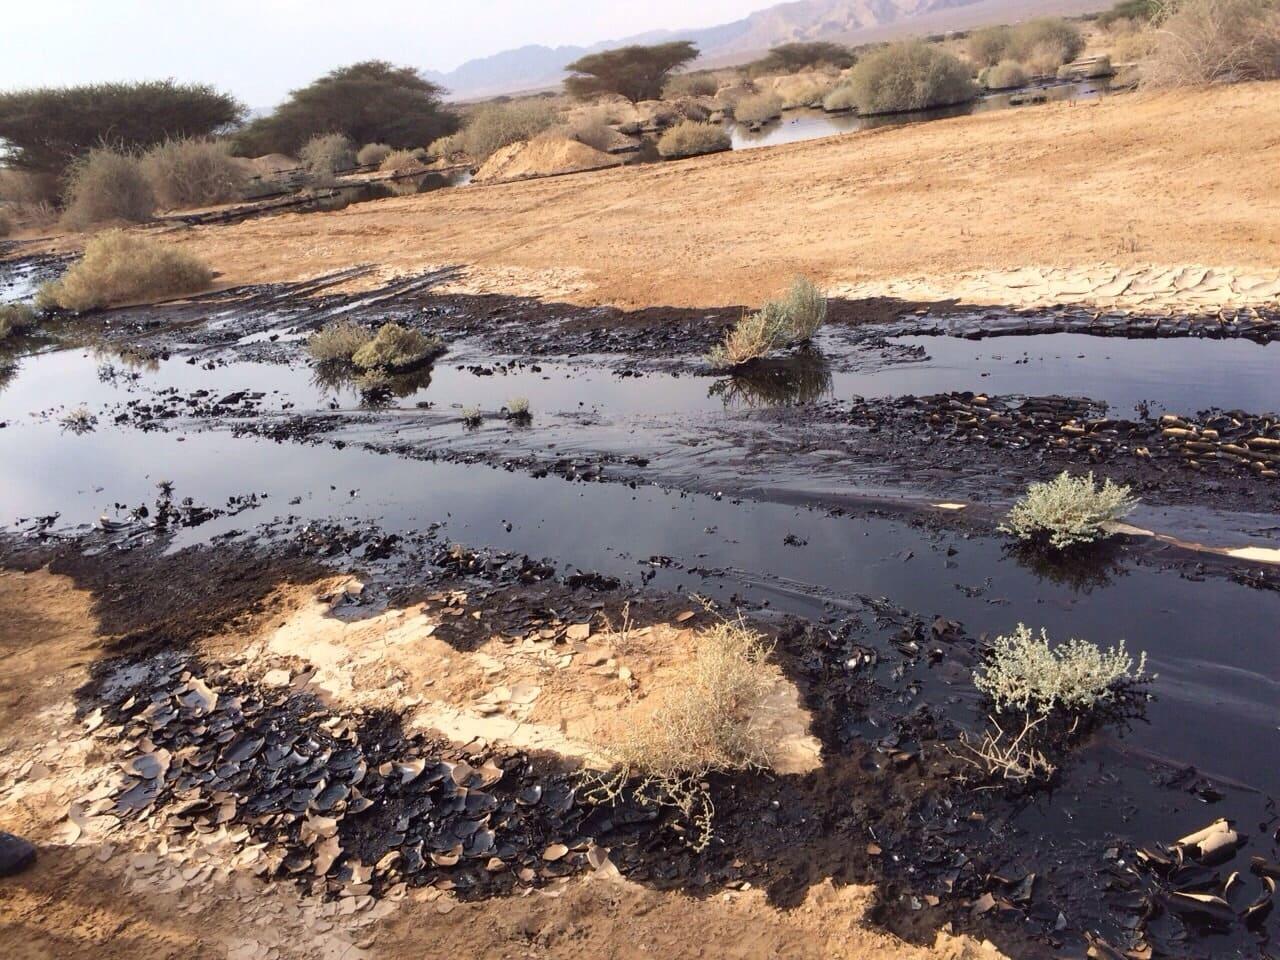 """הדליפה מצינור קצא""""א באזור הערבה בדצמבר 2014 (צילום: רשות הטבע והגנים)"""